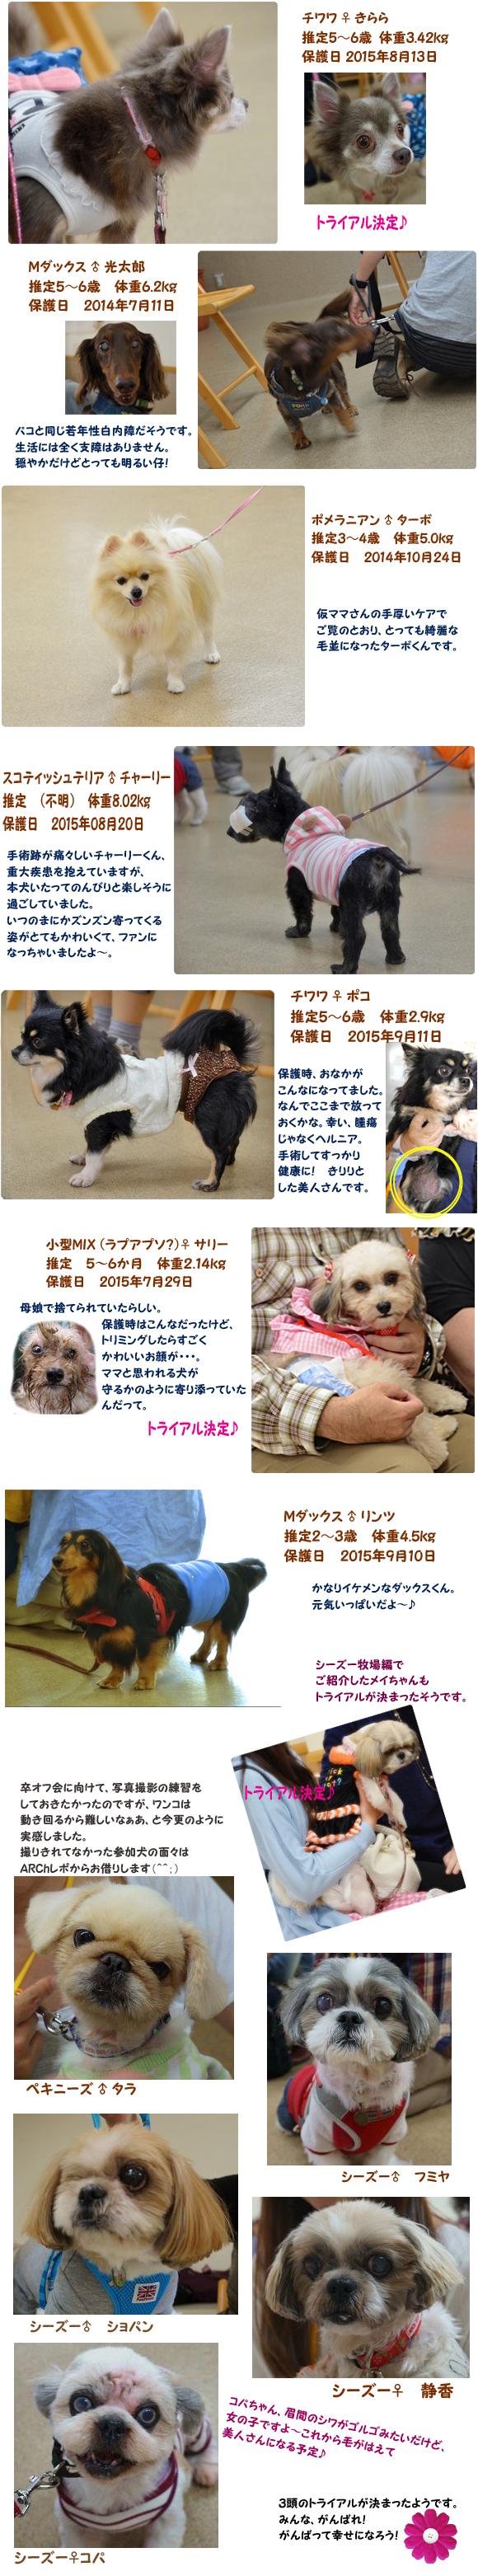 参加犬紹介Part2 のコピー